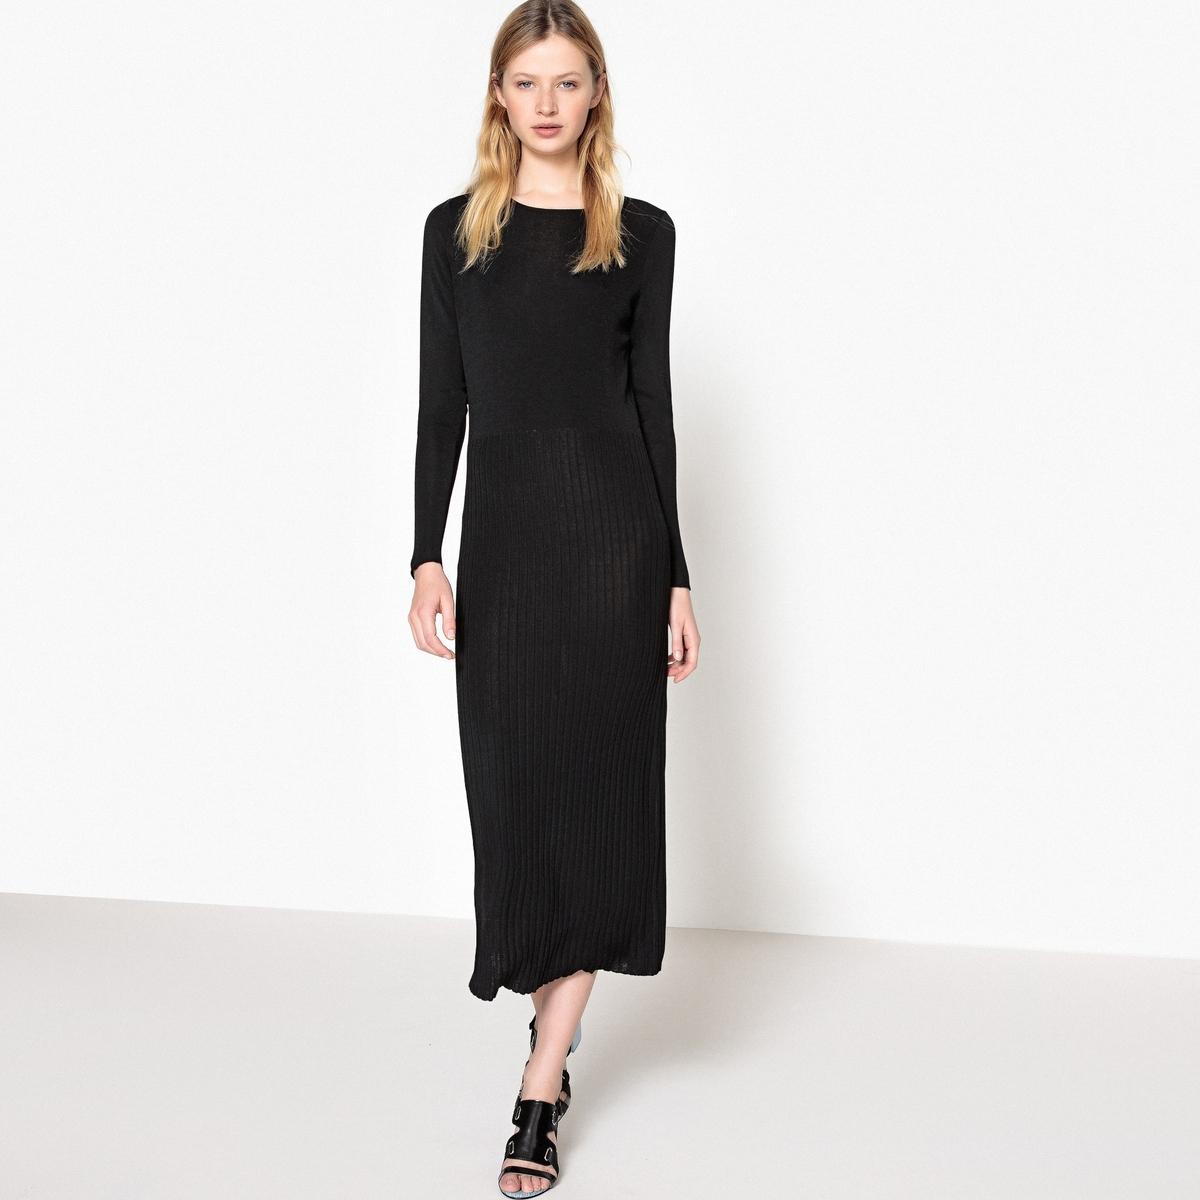 Платье прямое длинное однотонное с длинными рукавамиОписание:Детали •  Форма : прямая •  Длина ниже колен •  Длинные рукава    •  Круглый вырезСостав и уход •      •  Следуйте рекомендациям по уходу, указанным на этикетке изделия •  длина : 125 см<br><br>Цвет: красно-коричневый,черный<br>Размер: L.M.M